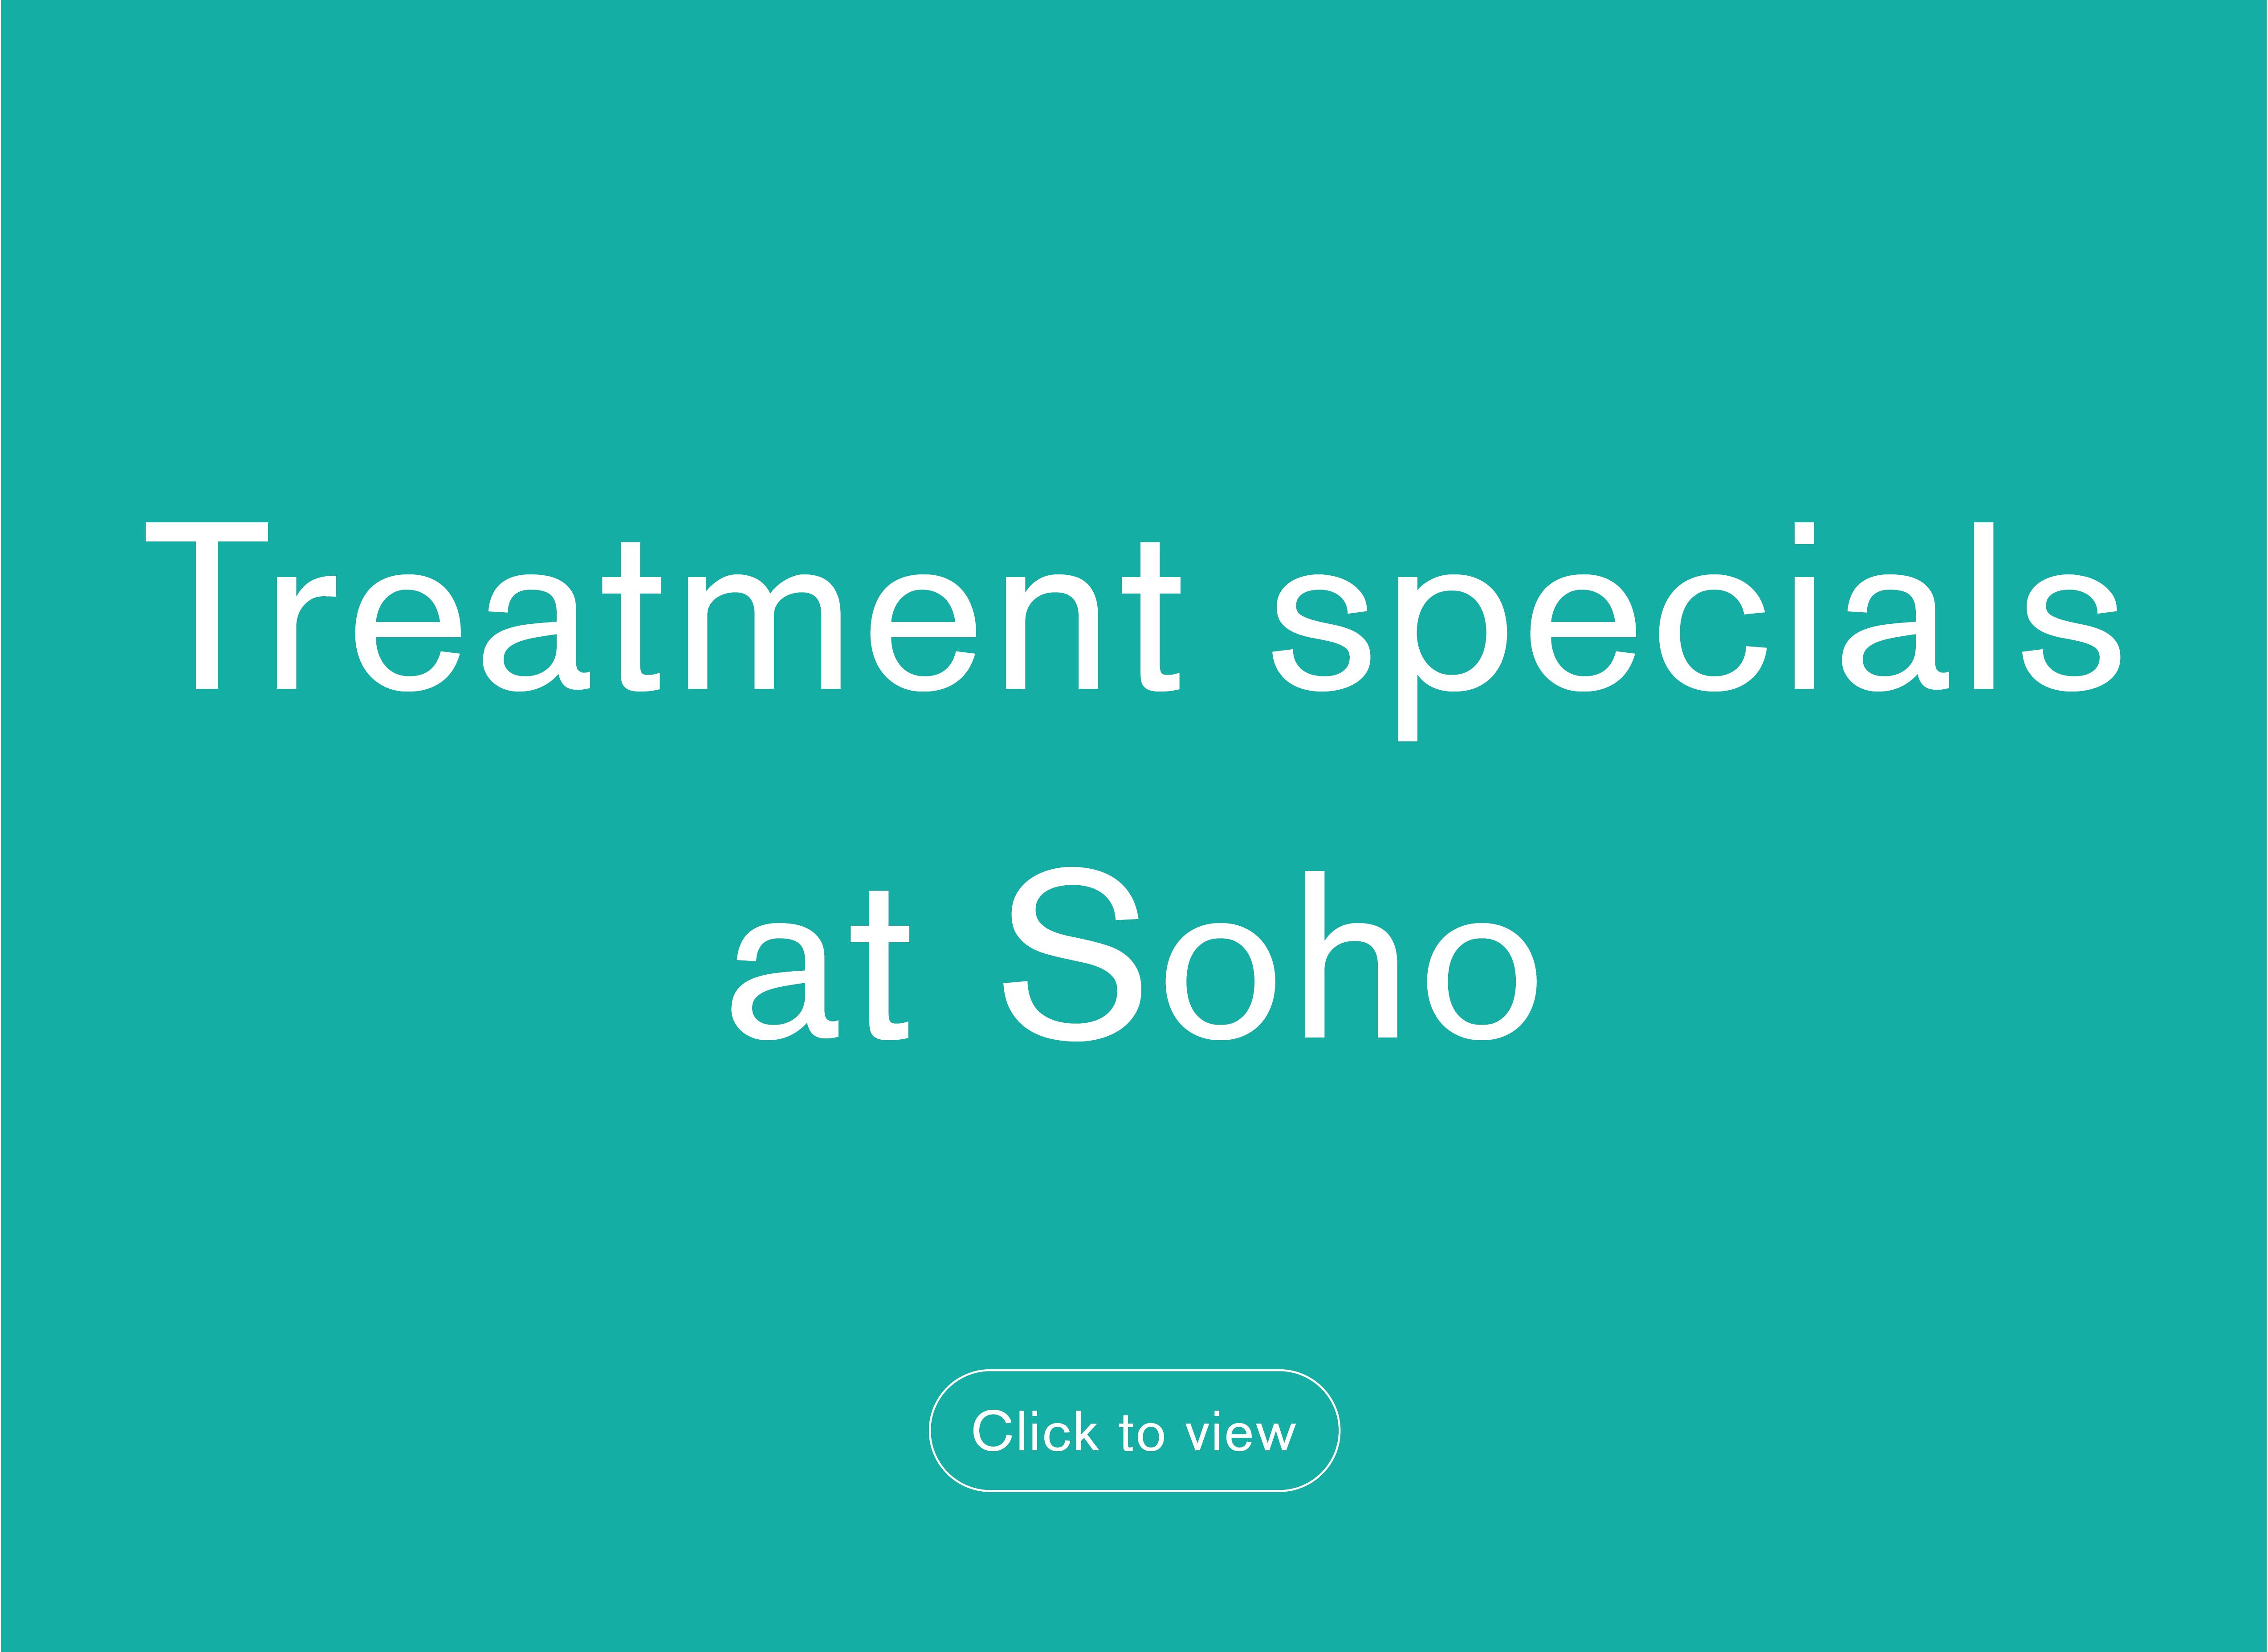 Treatment specials soho